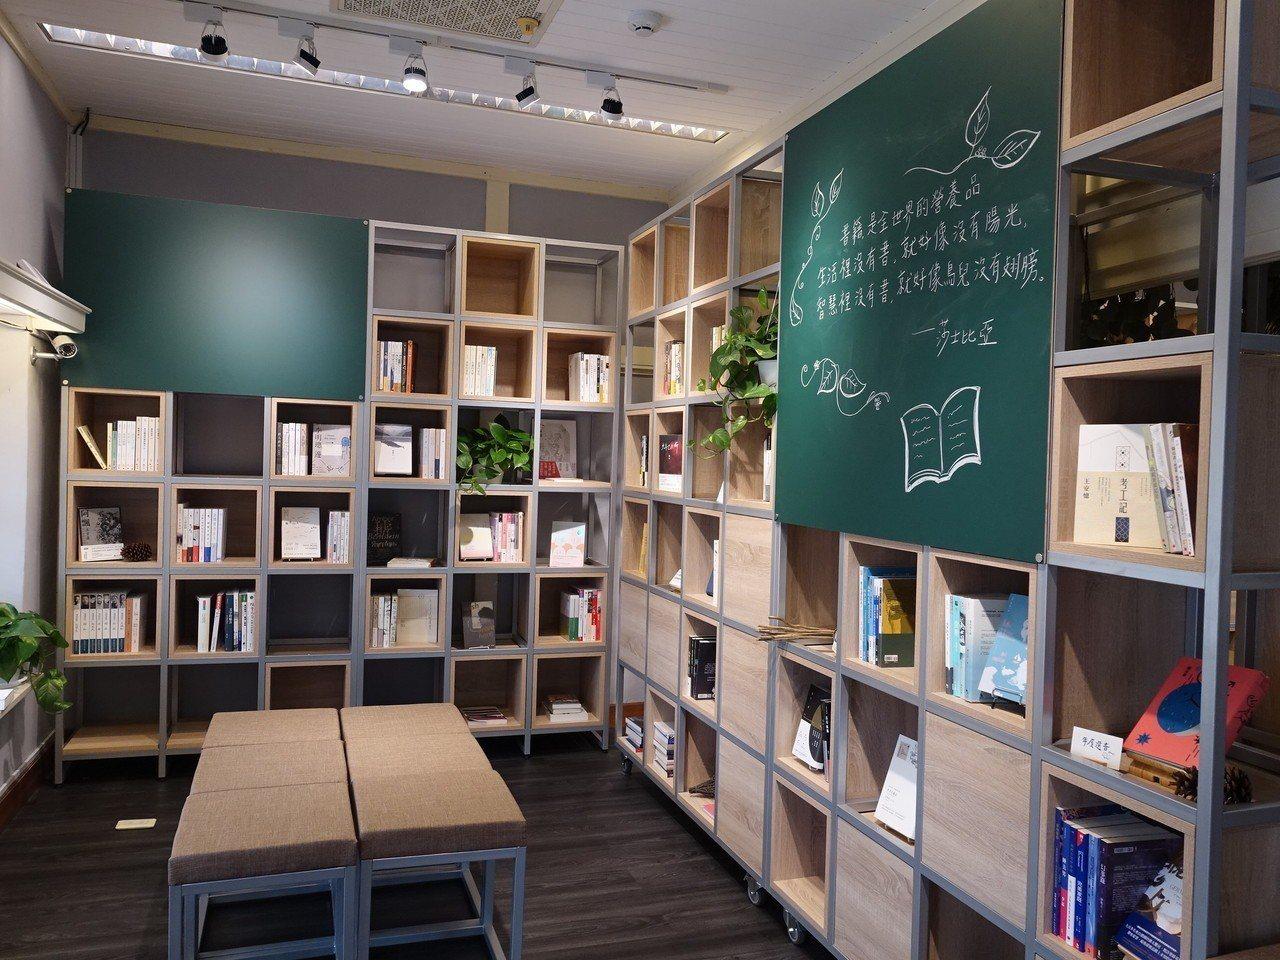 南國青鳥書店今起進駐屏東孫立人行館。記者翁禎霞/攝影